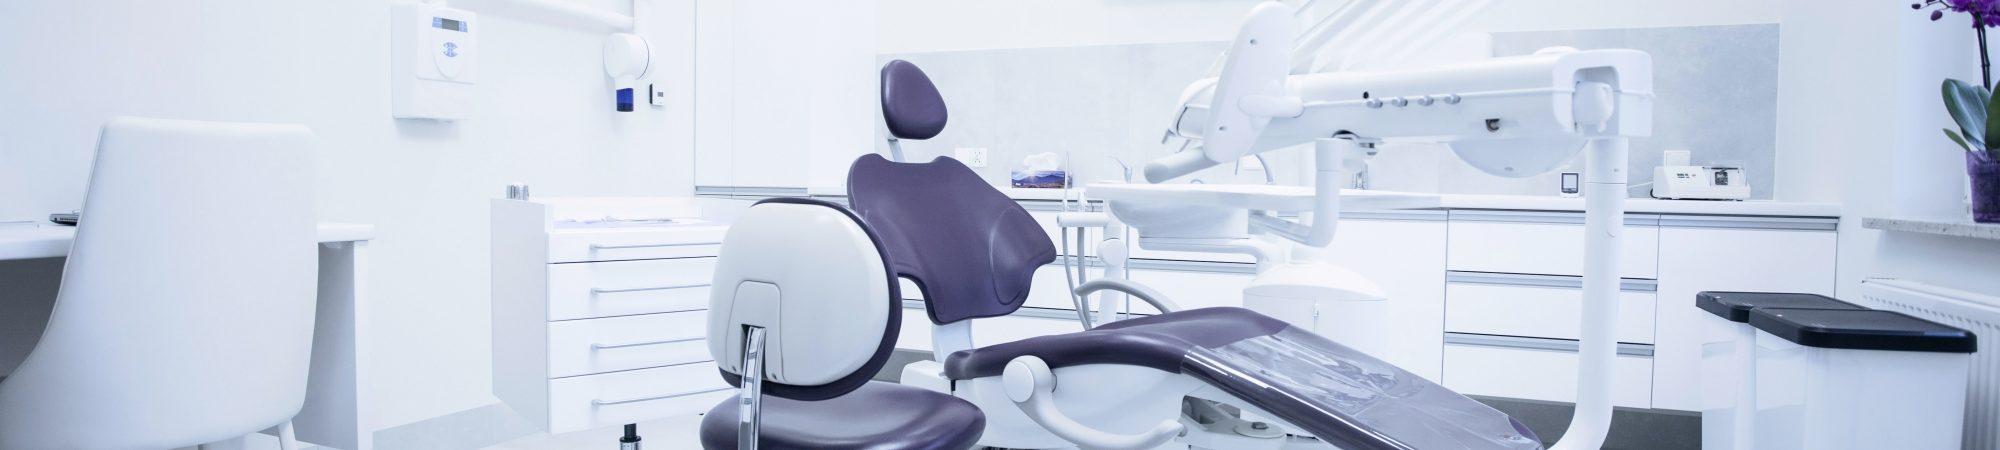 Zahnarzt_Trinkwasserhygiene_Legionellen_RKI_Dentaleinheit